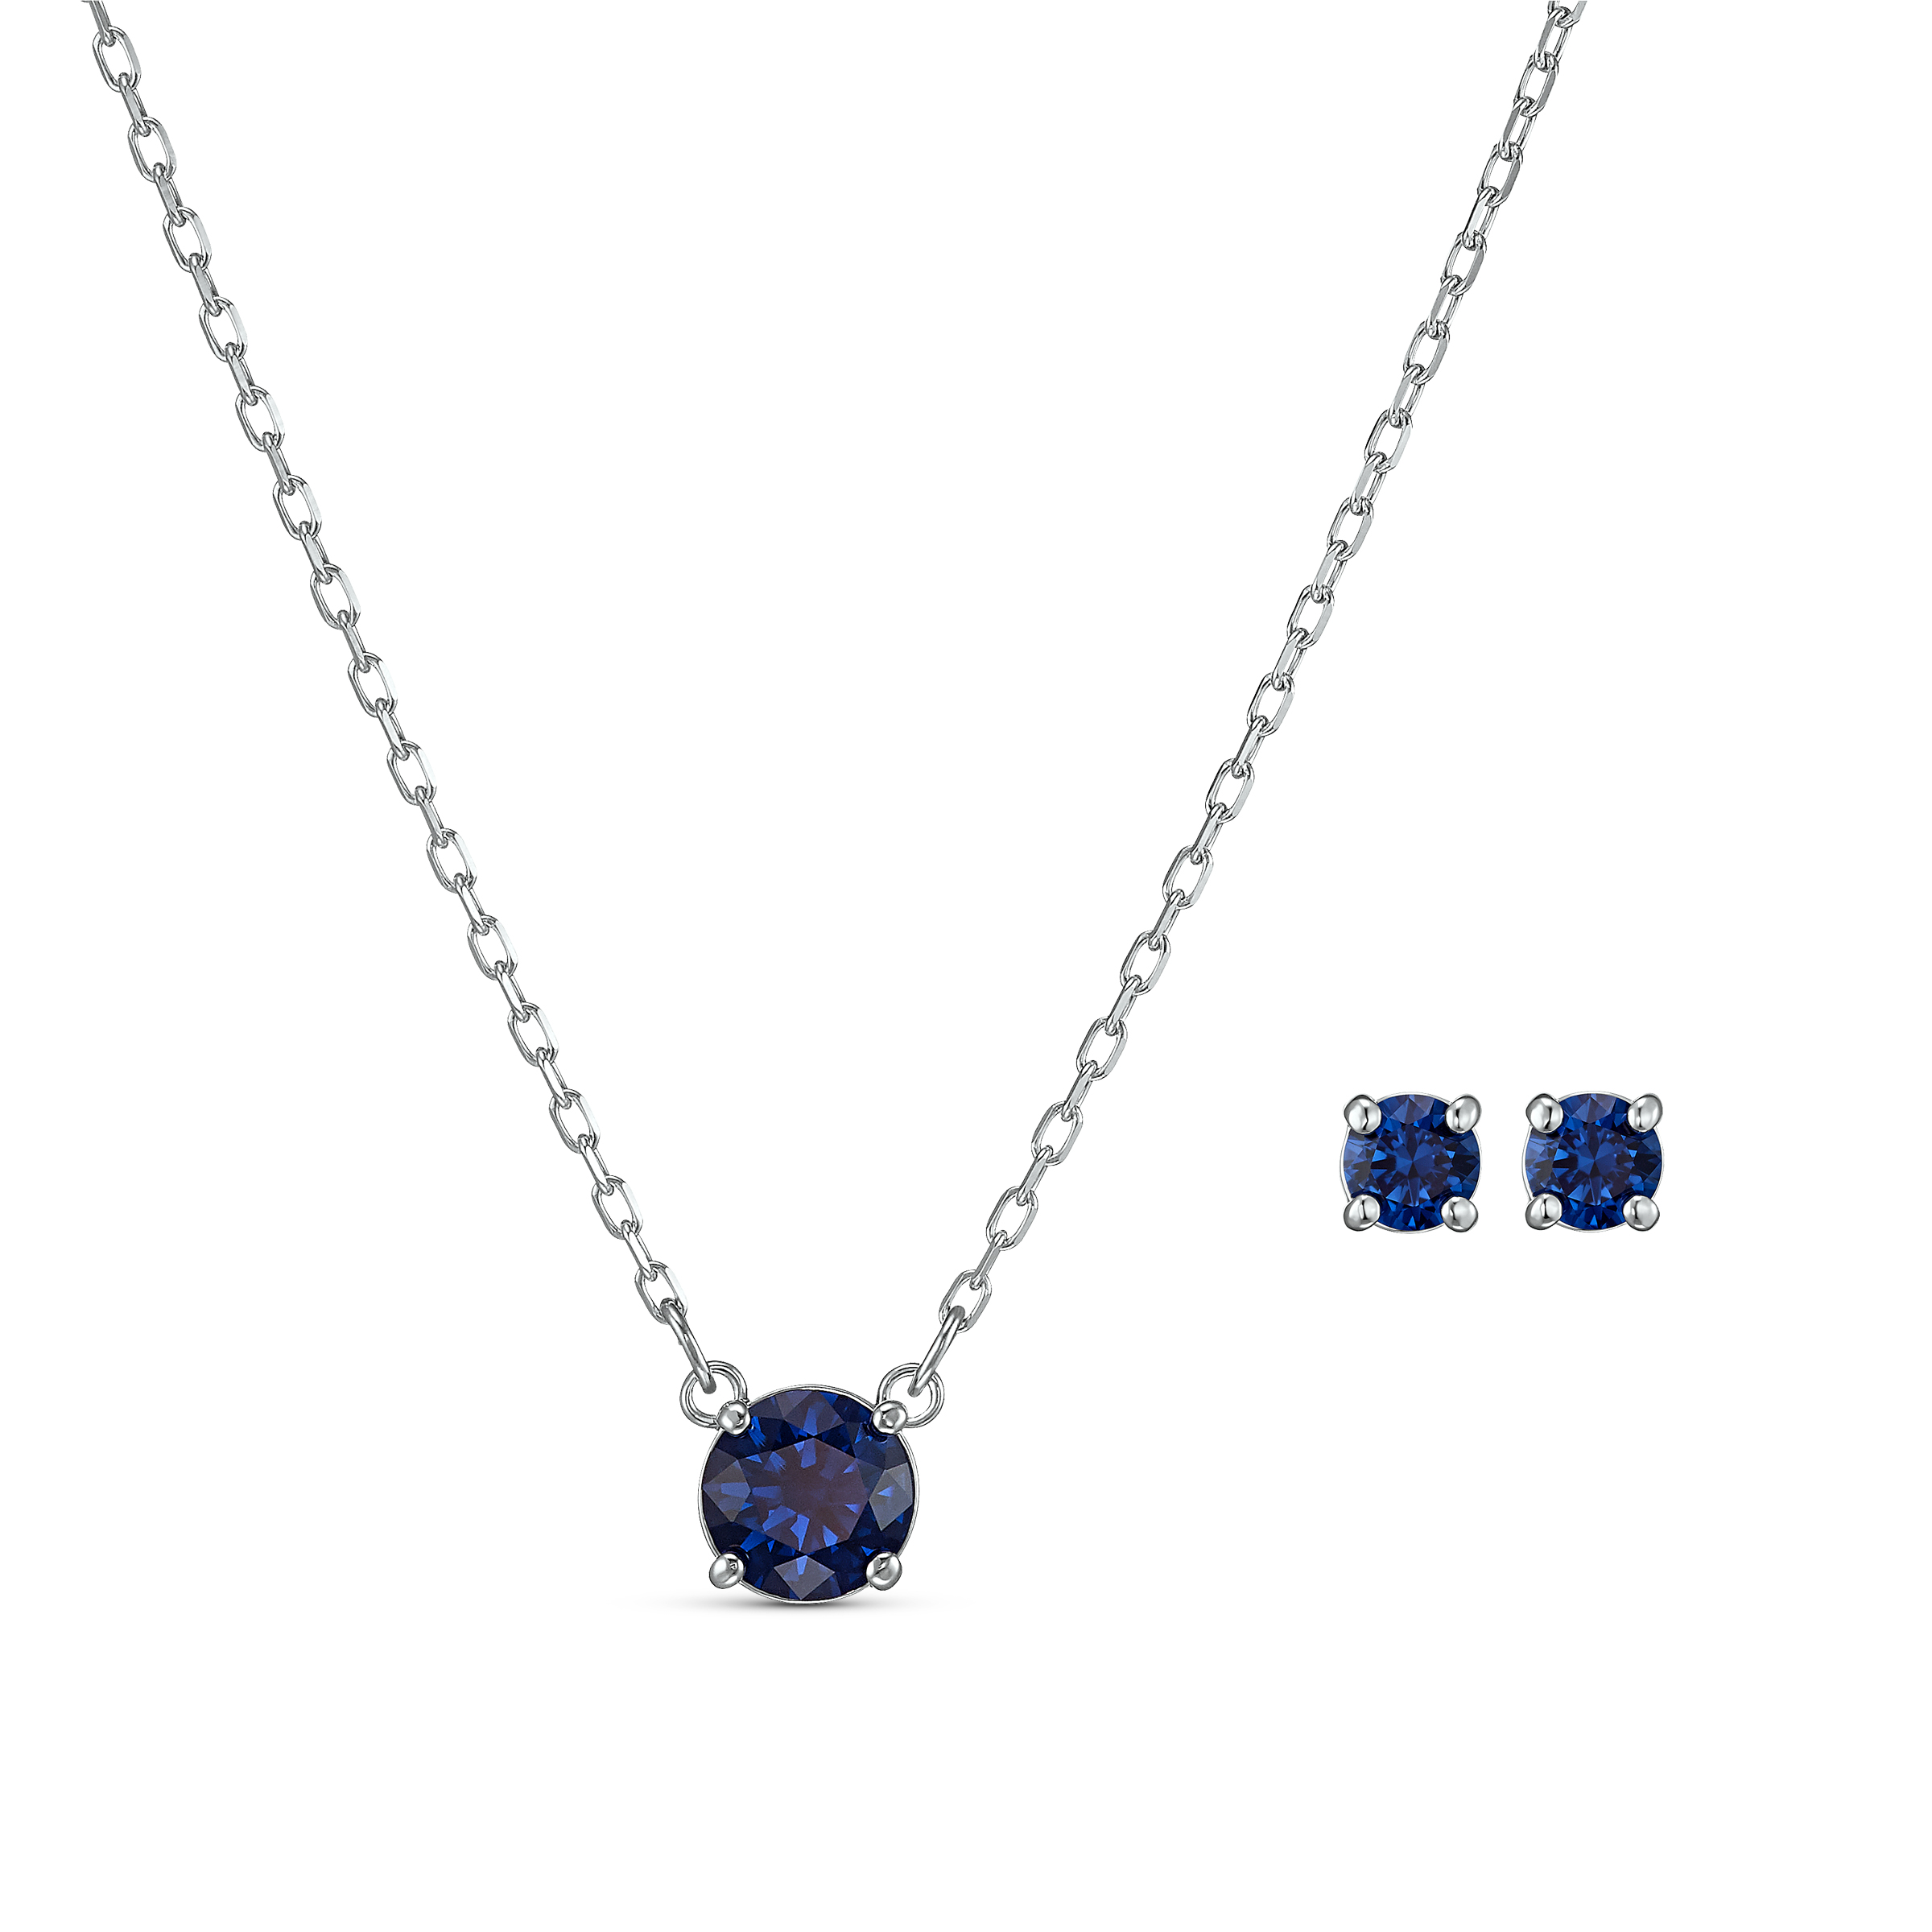 Parure Attract Round, bleu, métal rhodié, Swarovski